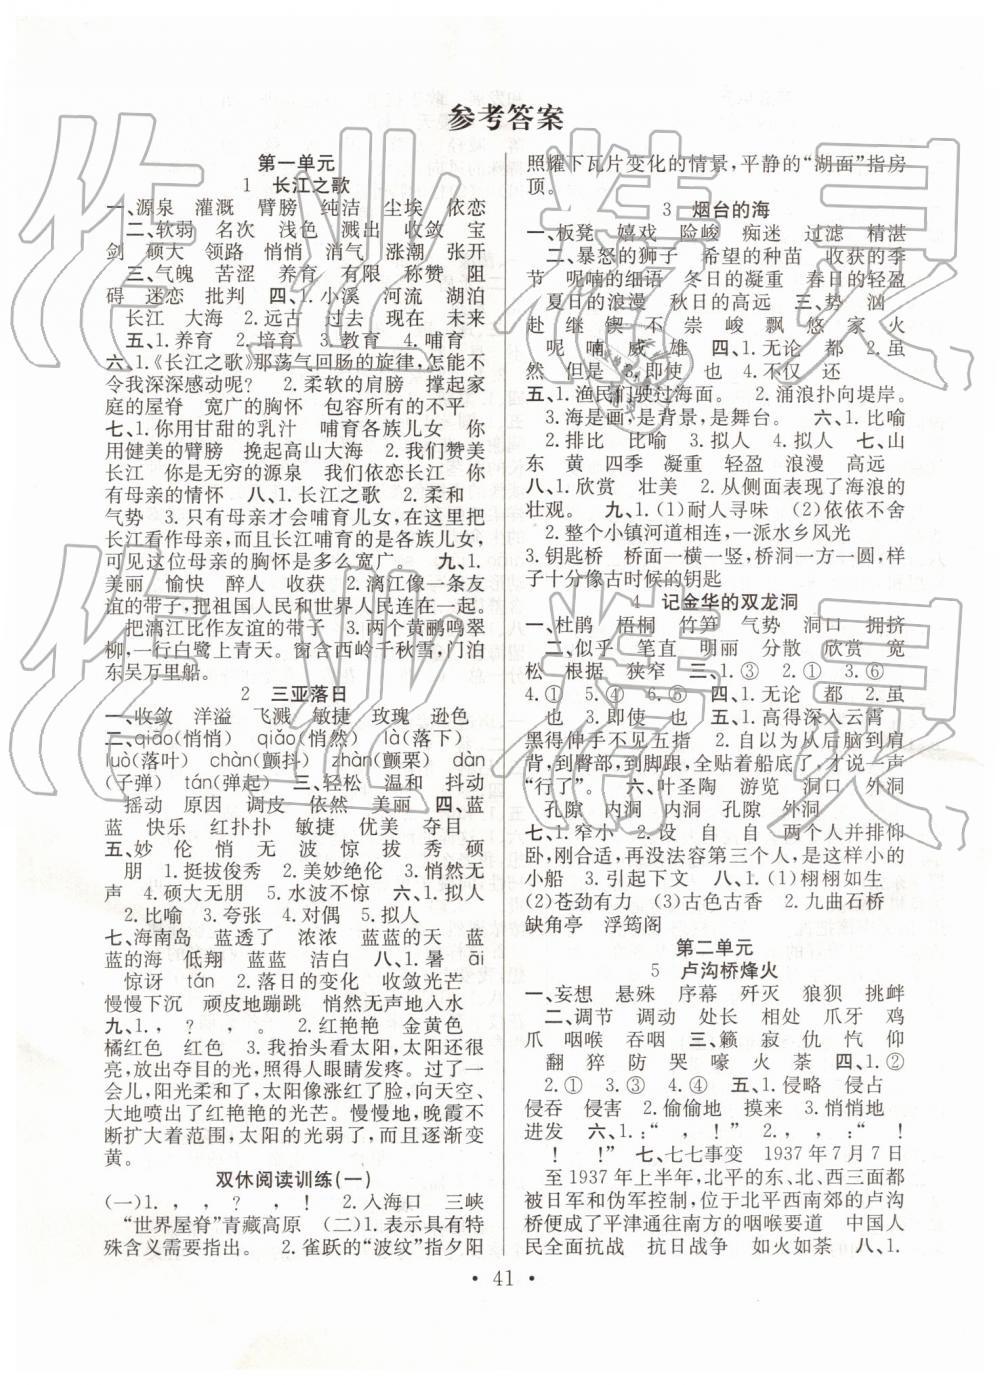 2019年全频道课时作业六年级语文下册苏教版第1页